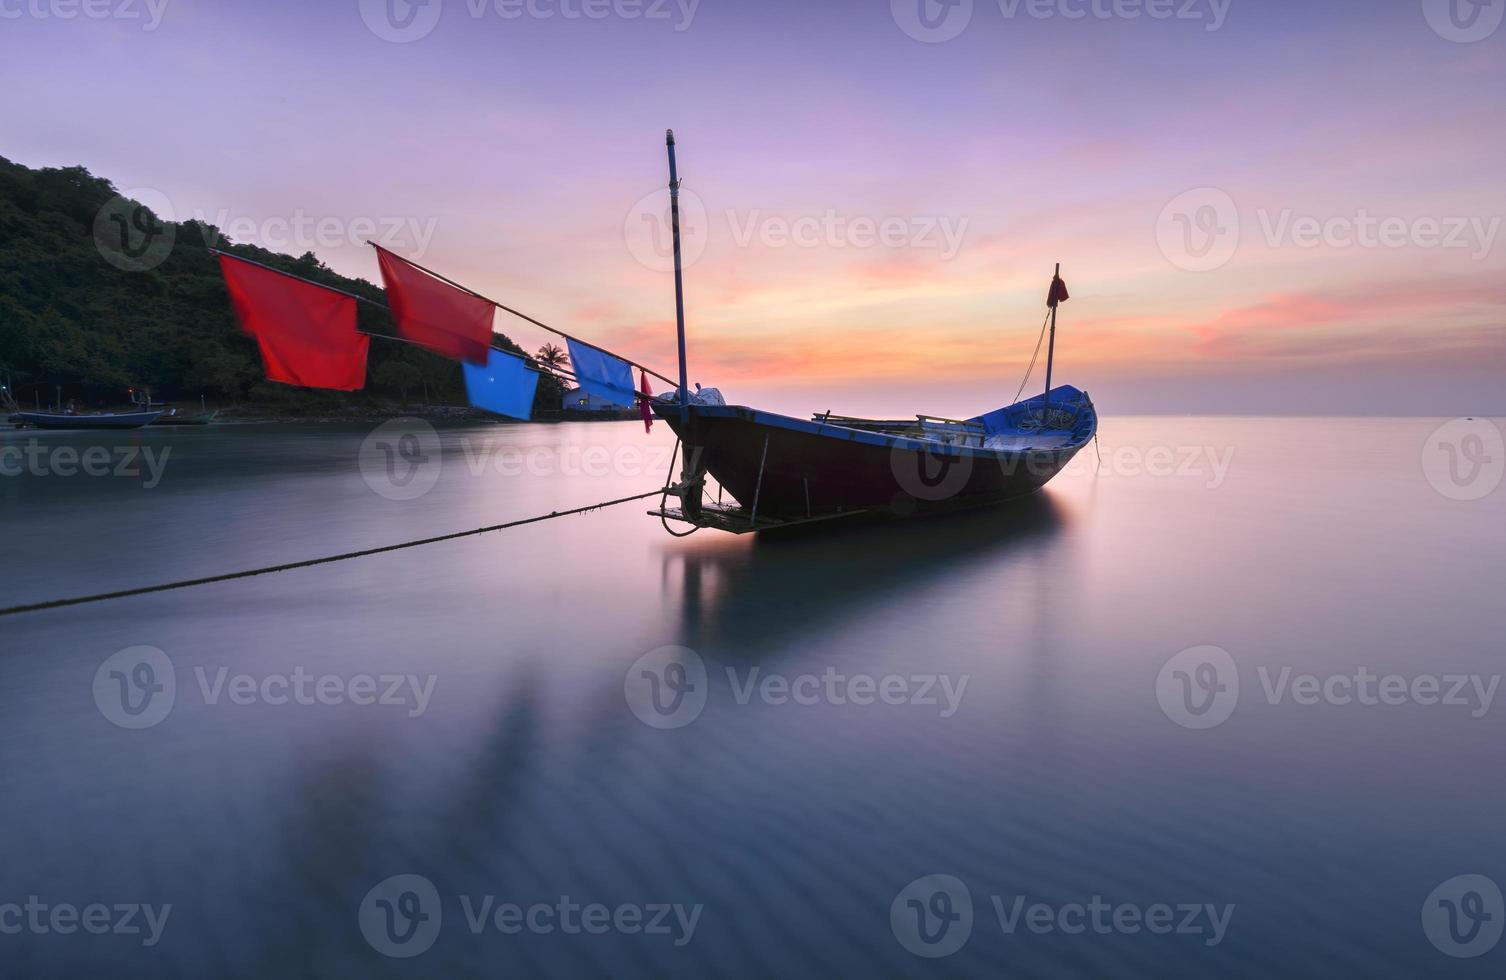 barcos en la playa durante la luz del atardecer paisaje marino en Tailandia. foto